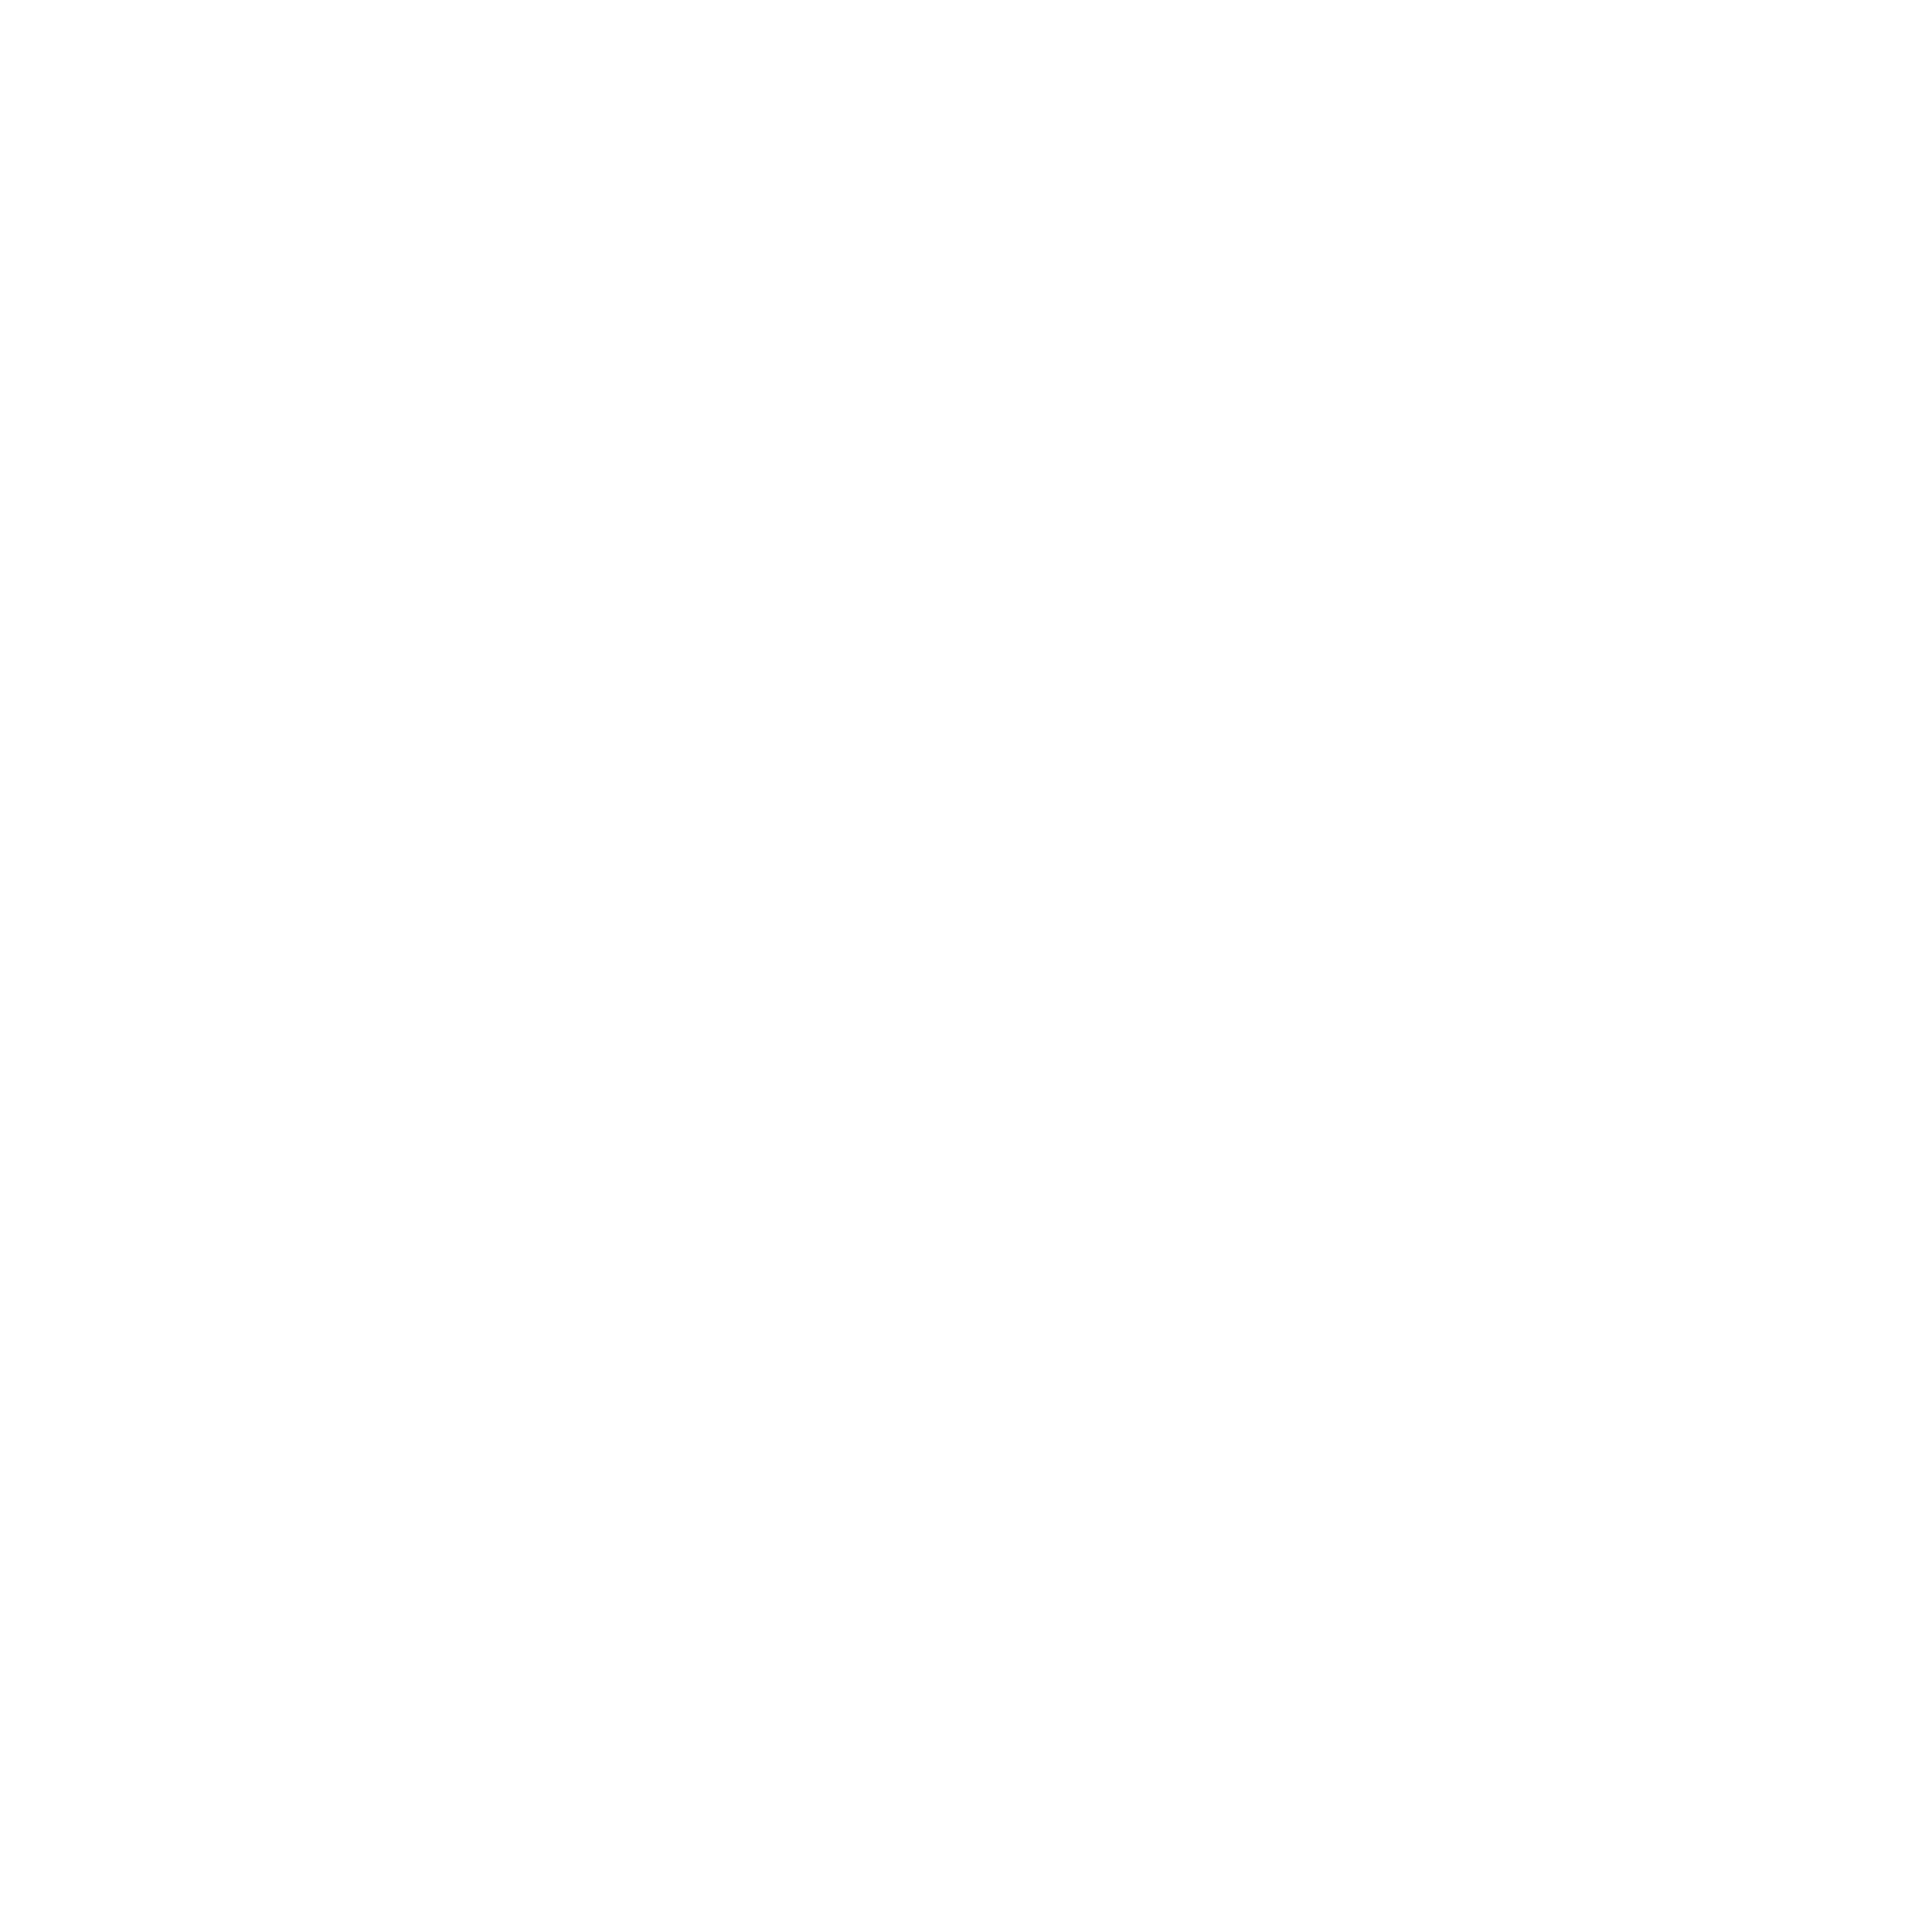 Saint-dough-logo-2D-WHITE-RGB.png